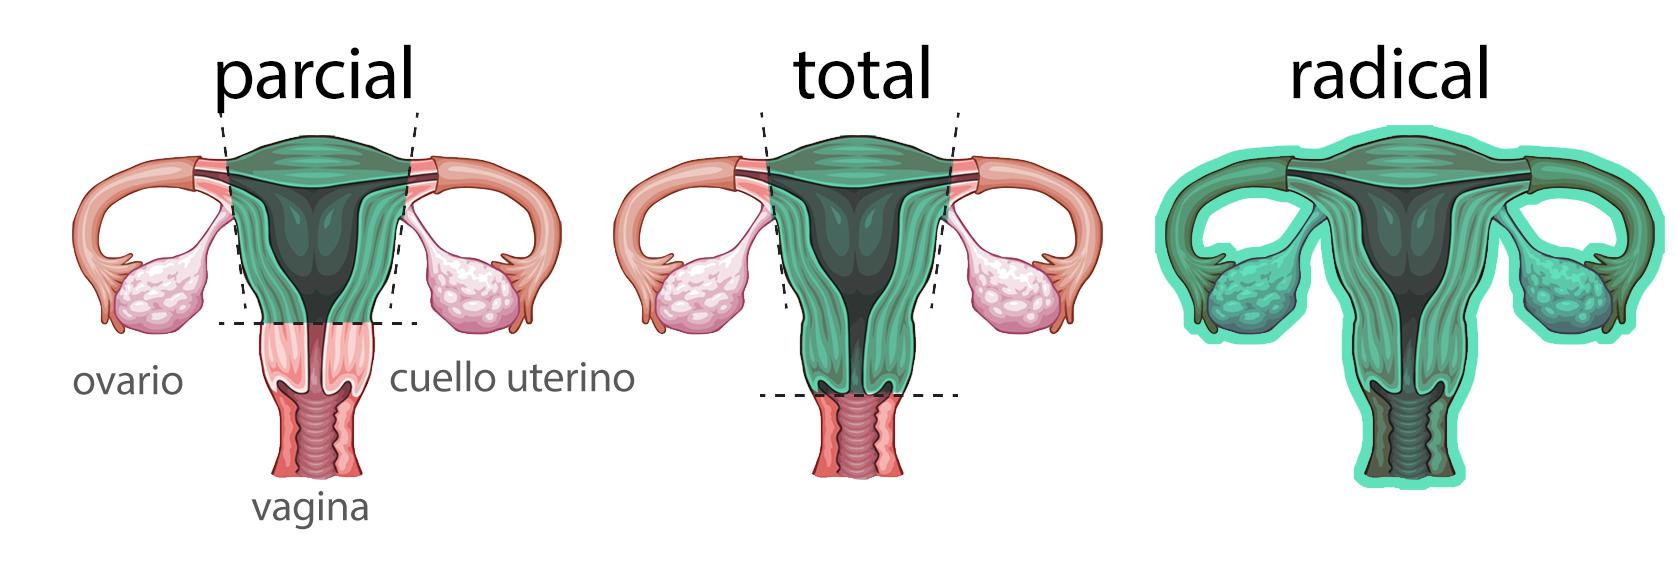 Resultado de imagen para histerectomia ginecologica